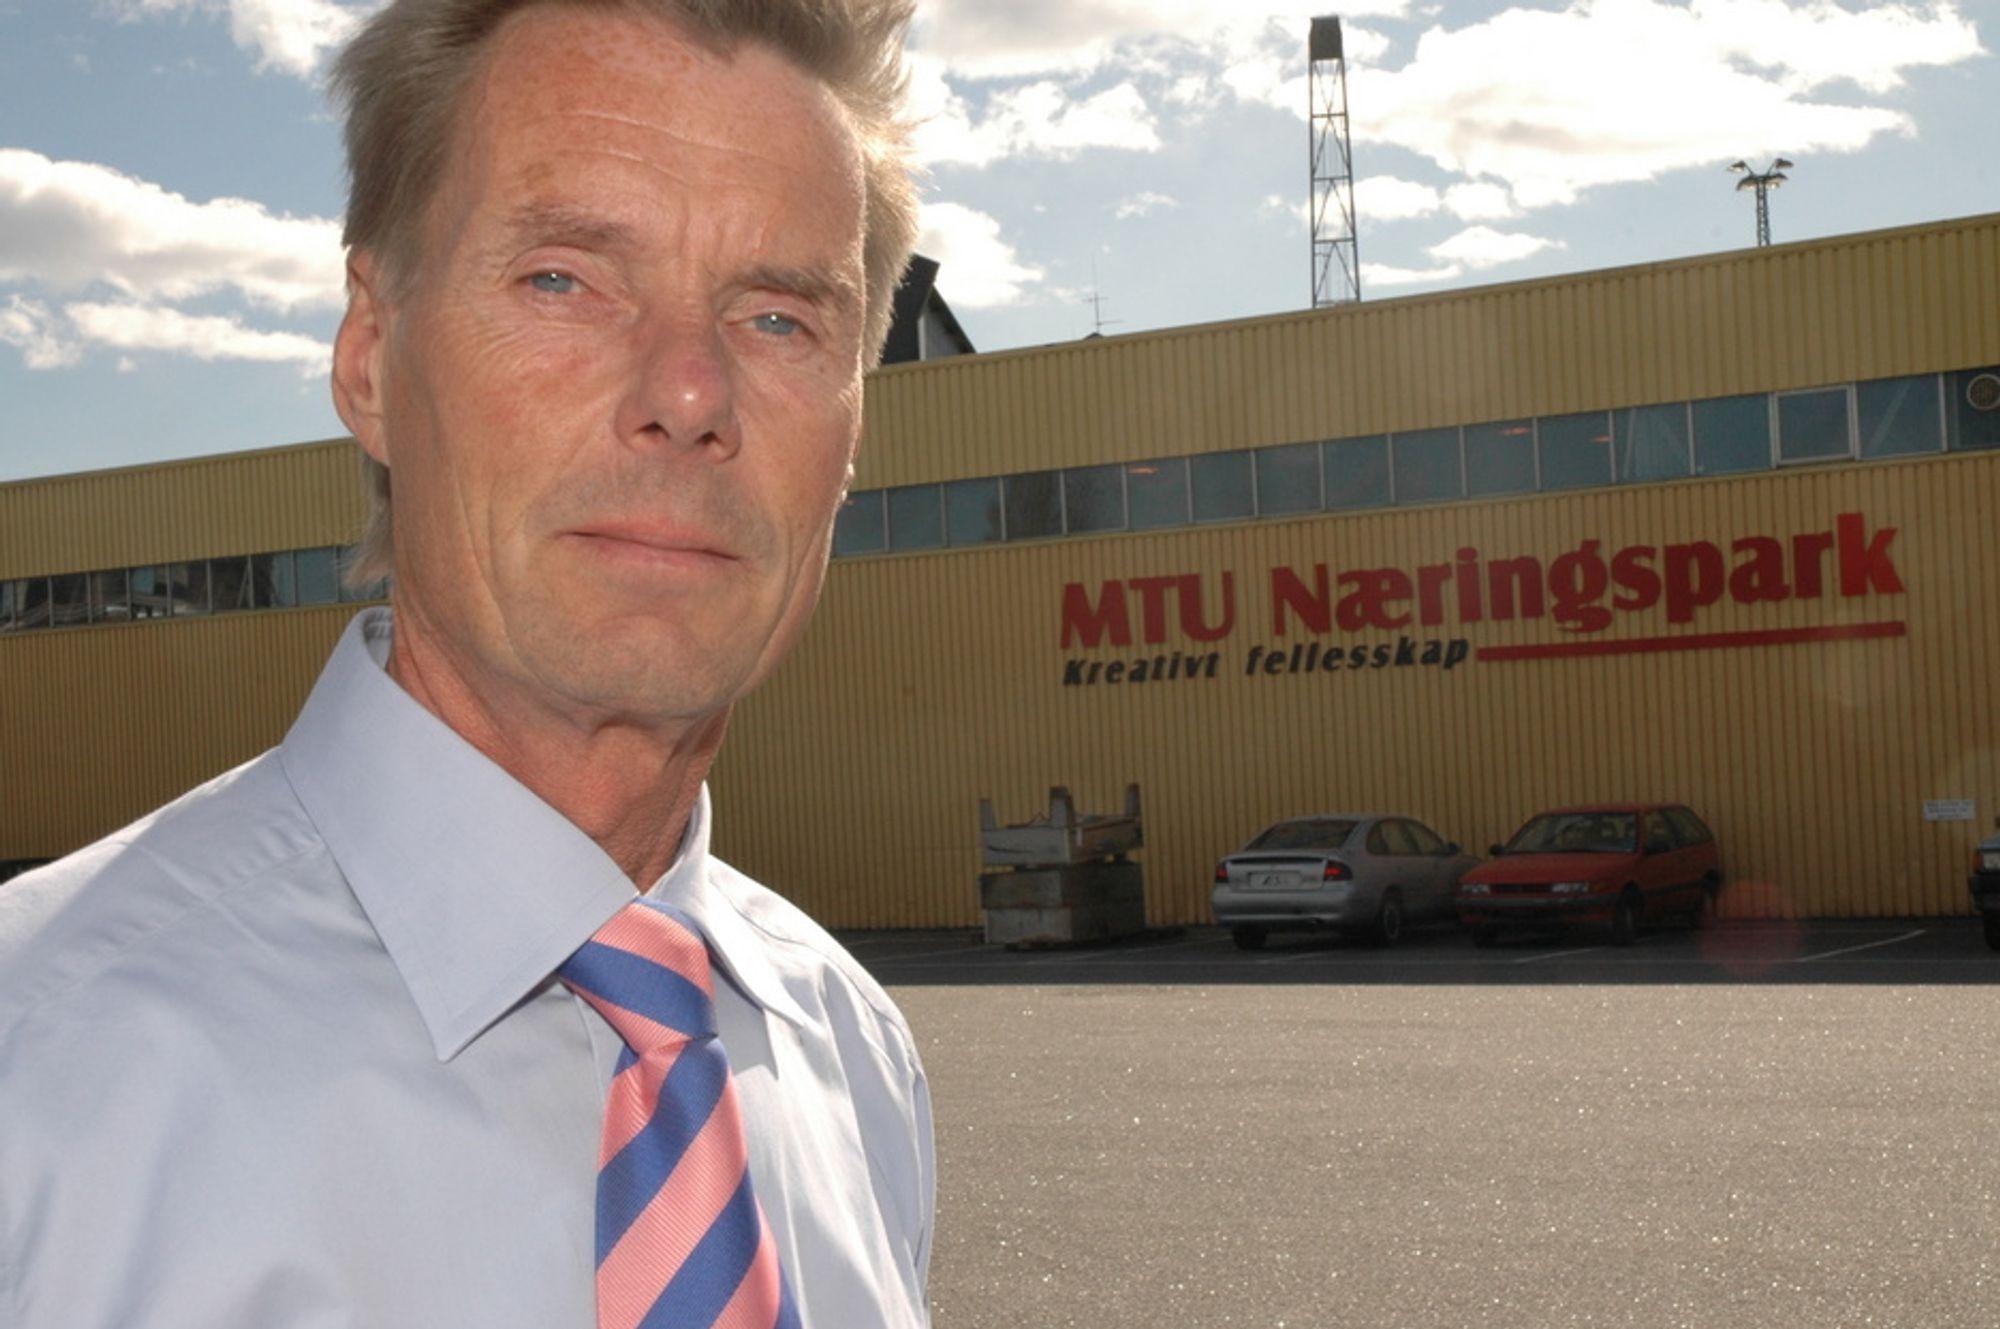 GSM-OPERATØR: Den 3. Mars åpner administrerende direktør Stein Matre i MTU-gruppen landets fjerde GSM-nett.